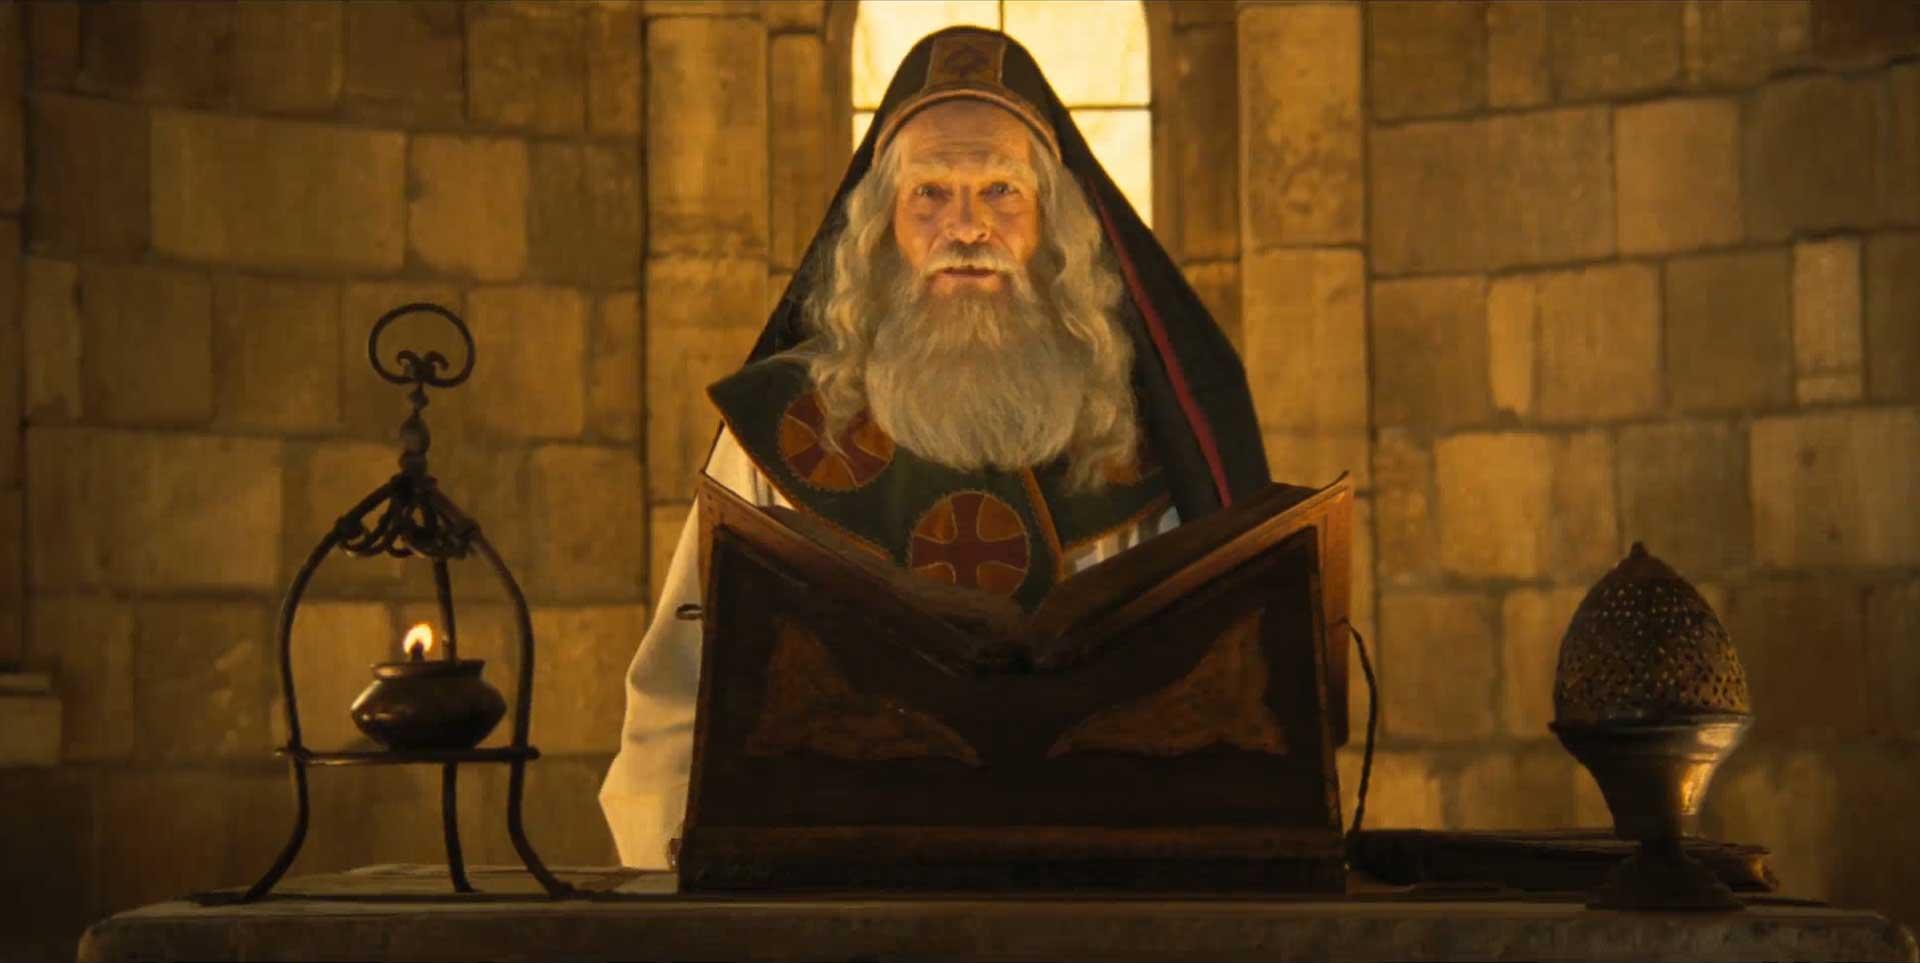 بحیرا، راهب مسیحی و بشارت به نبوت حضرت محمد